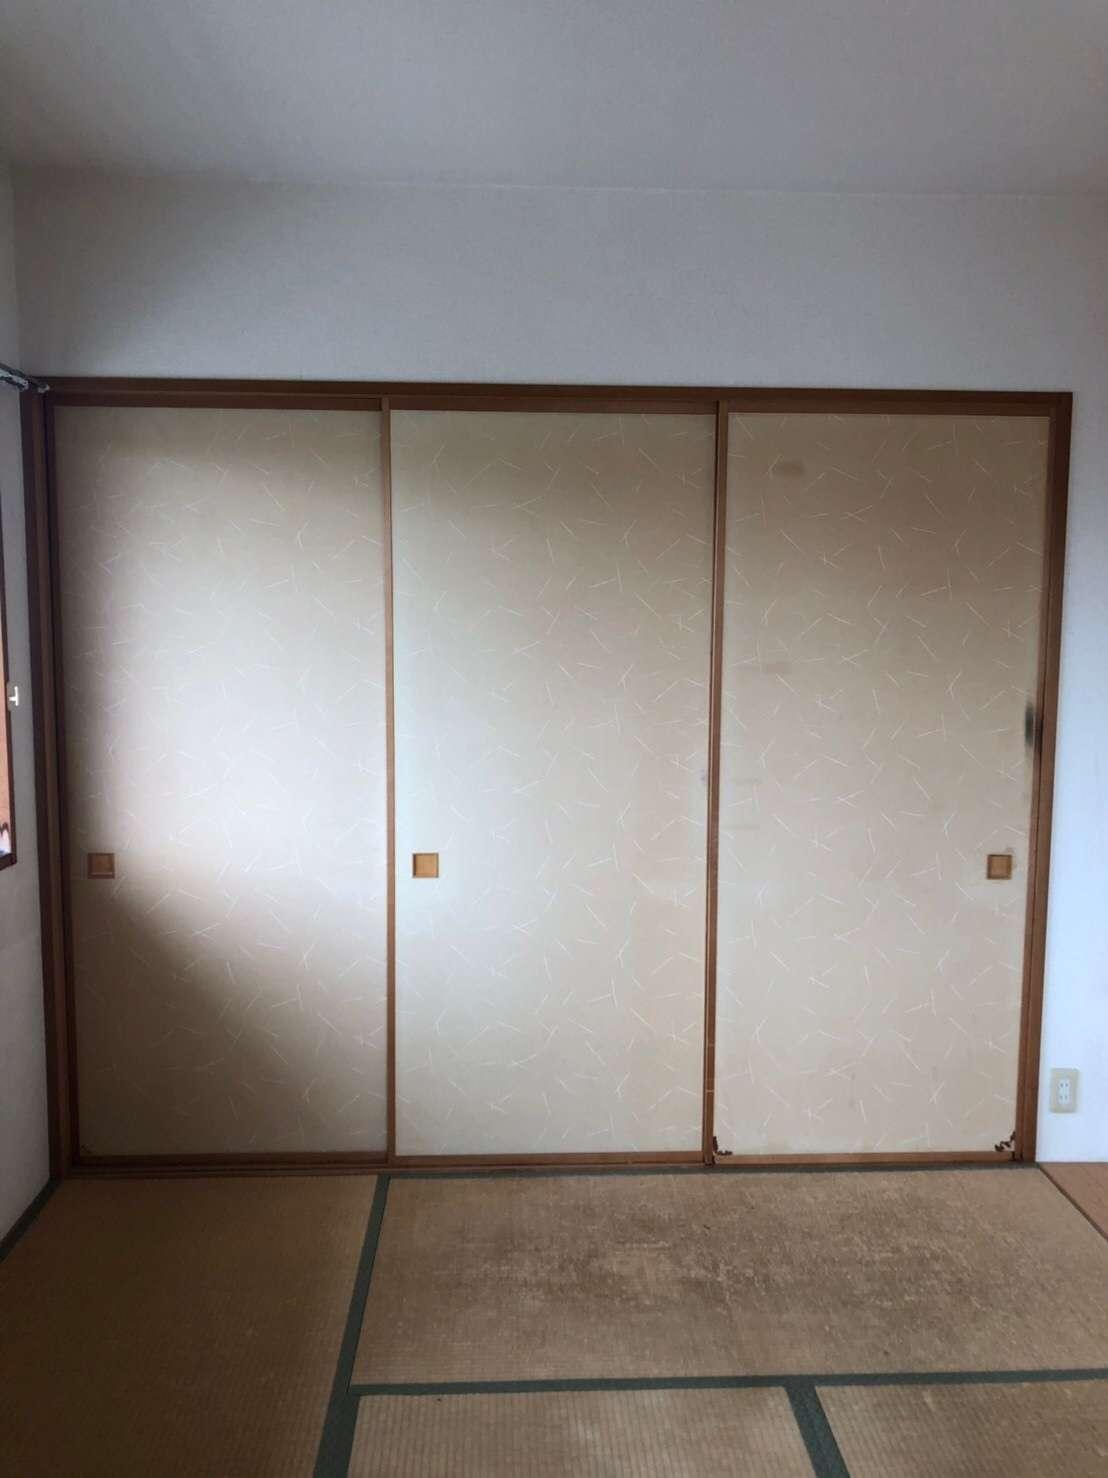 静岡 和室 襖 壁紙 クロス 張り替え クロス張替え 内装工事